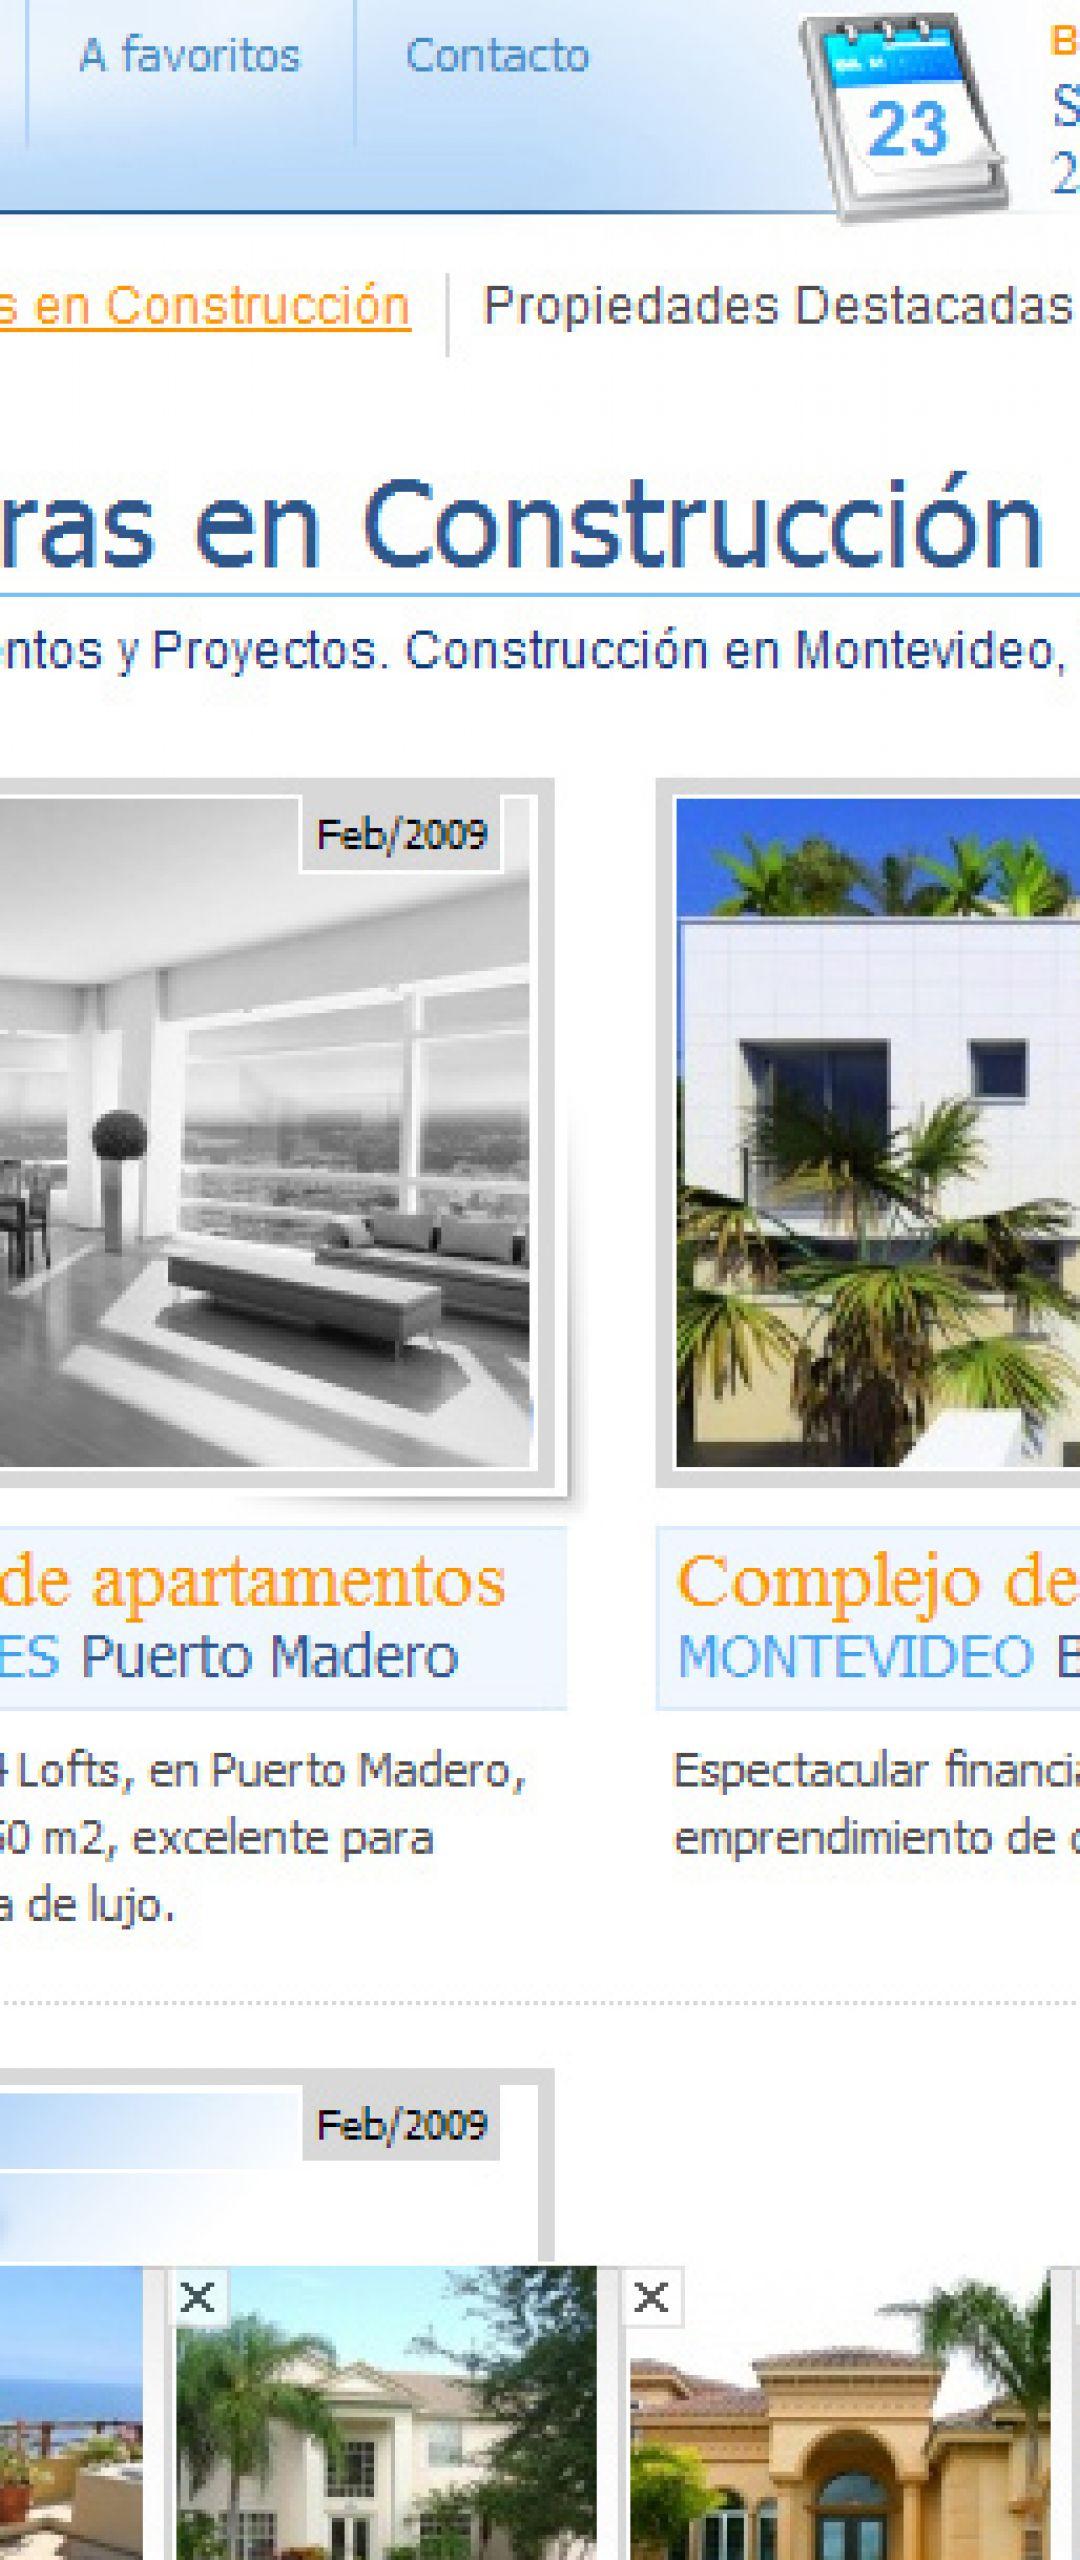 Portal inmobiliario obtiene -Premio Empresarial THE BIZZ AWARDS-